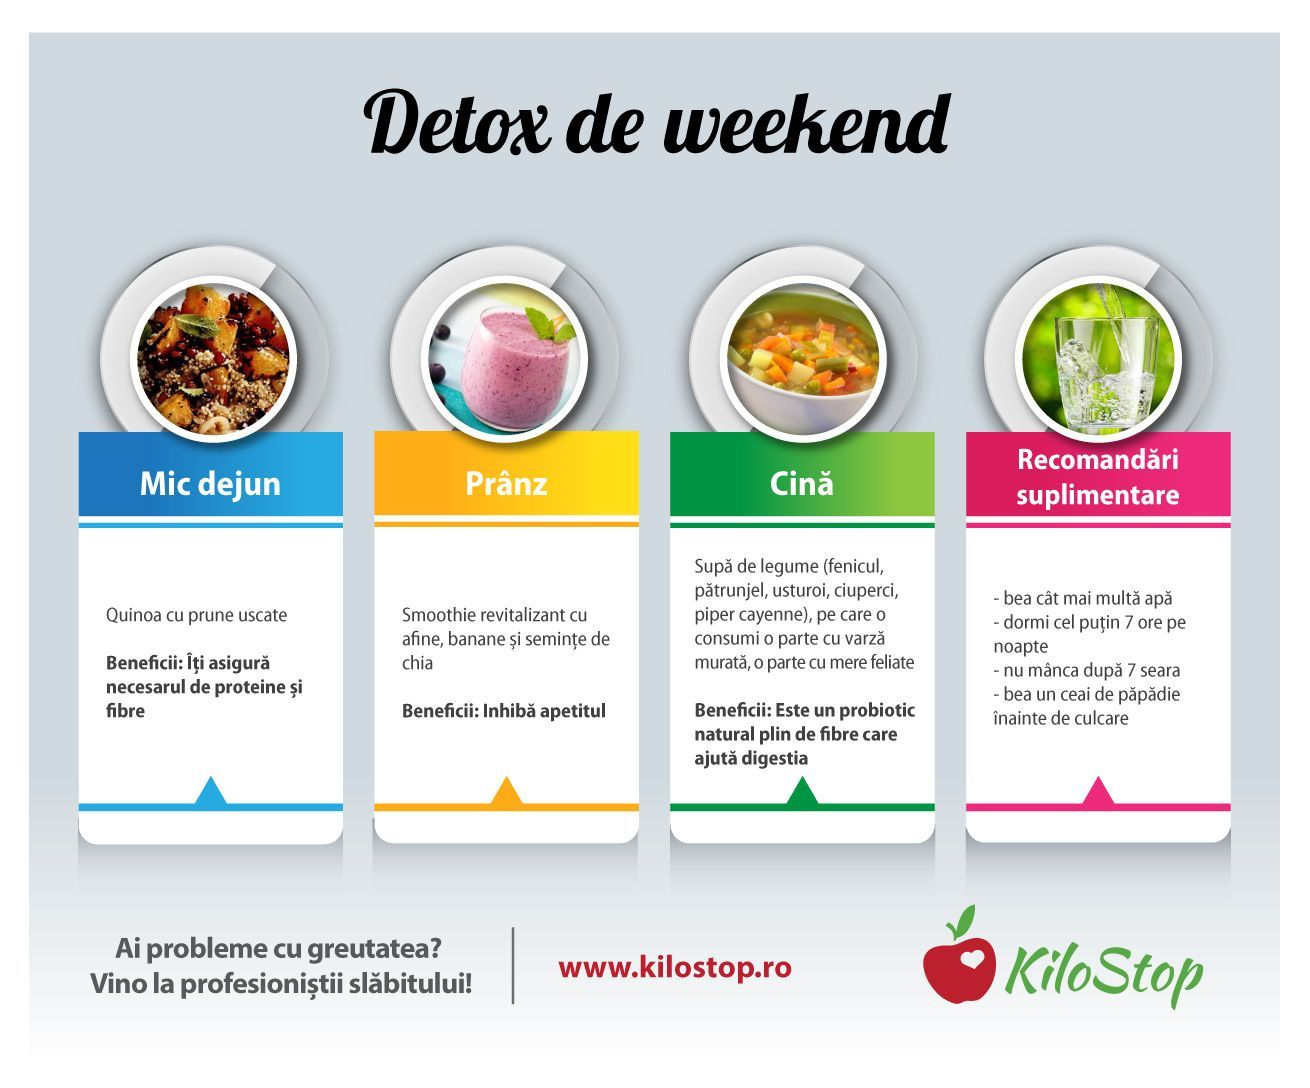 Cum se tine o cura de detoxifiere corecta? - Sănătate > Gastroenterologie - Pagina 2 - asspub.ro